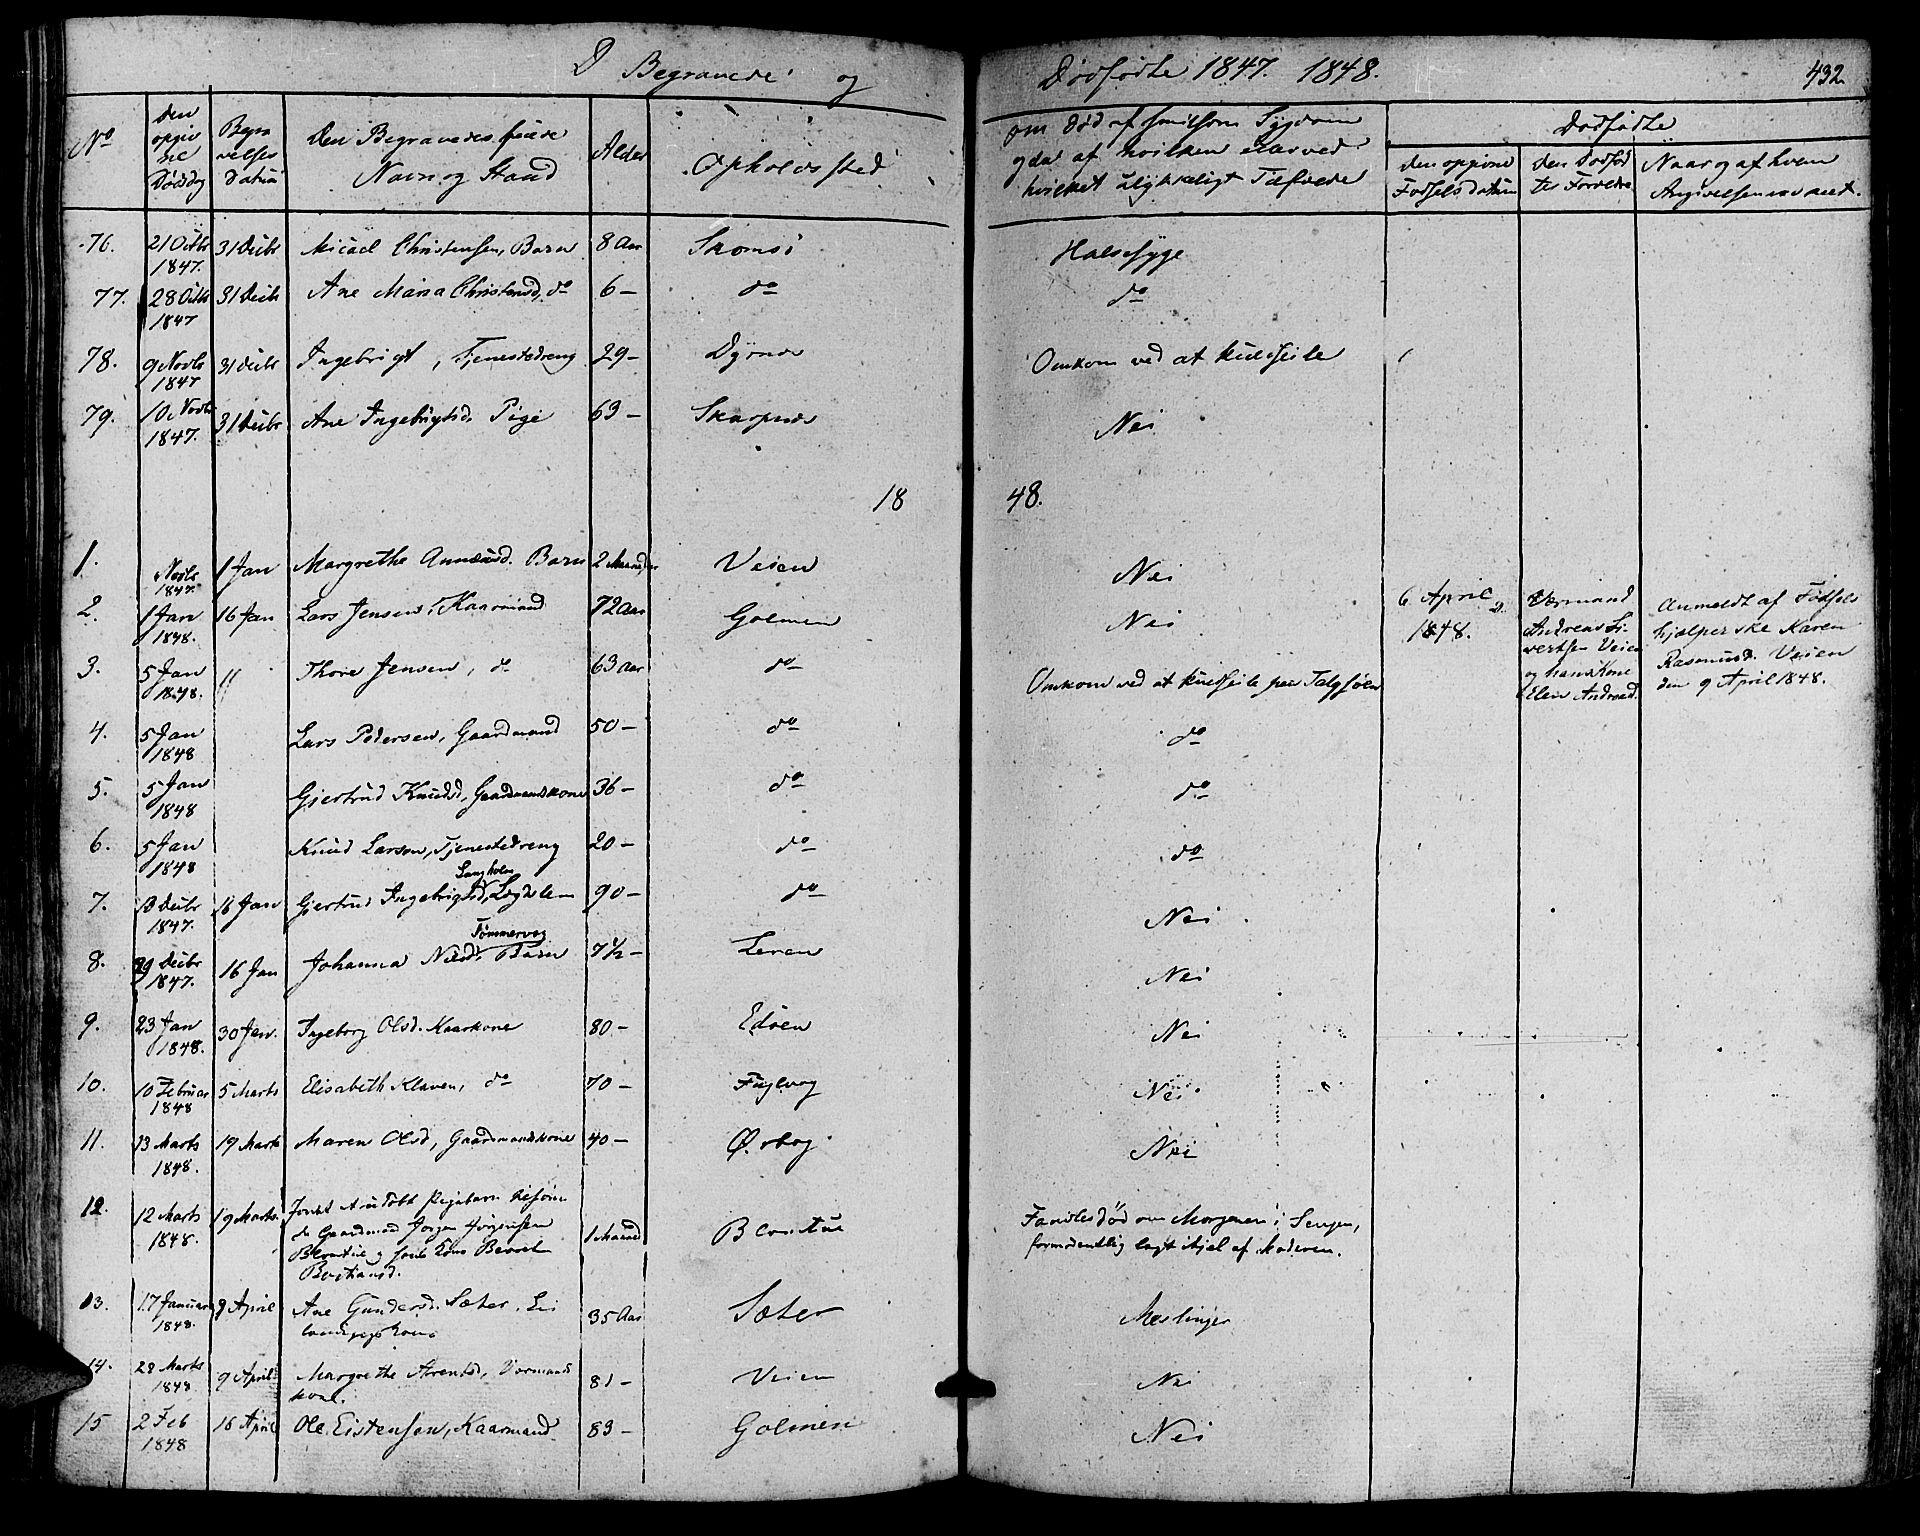 SAT, Ministerialprotokoller, klokkerbøker og fødselsregistre - Møre og Romsdal, 581/L0936: Ministerialbok nr. 581A04, 1836-1852, s. 432